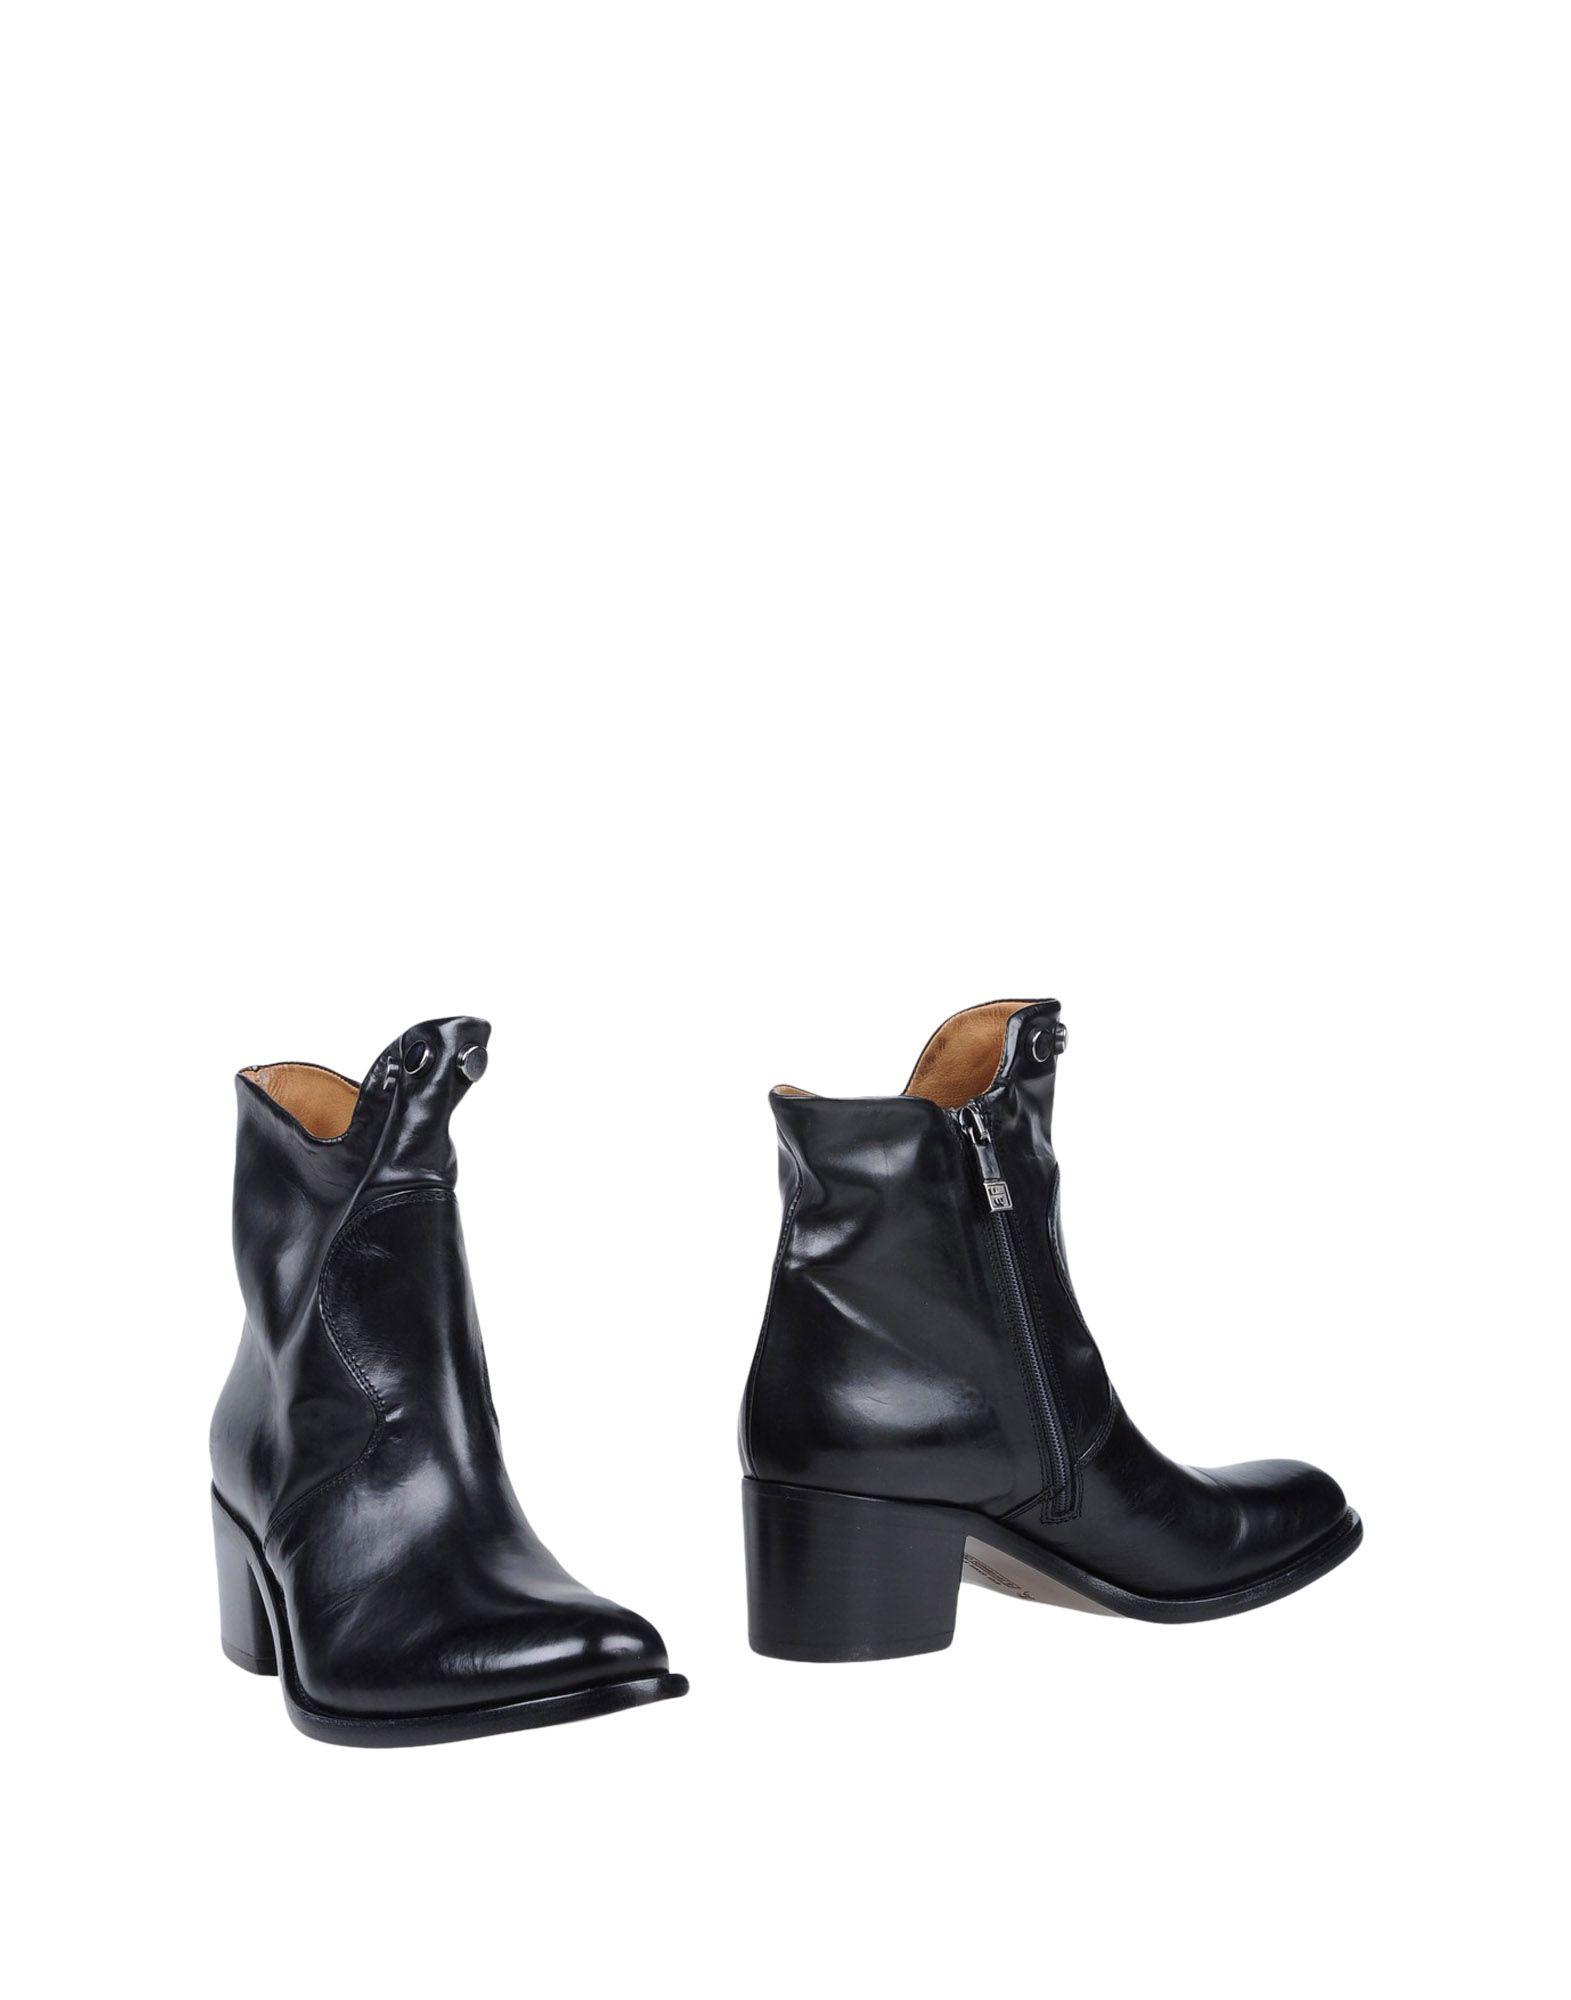 ALBERTO FERMANI Damen Stiefelette Farbe Schwarz Größe 6 jetztbilligerkaufen